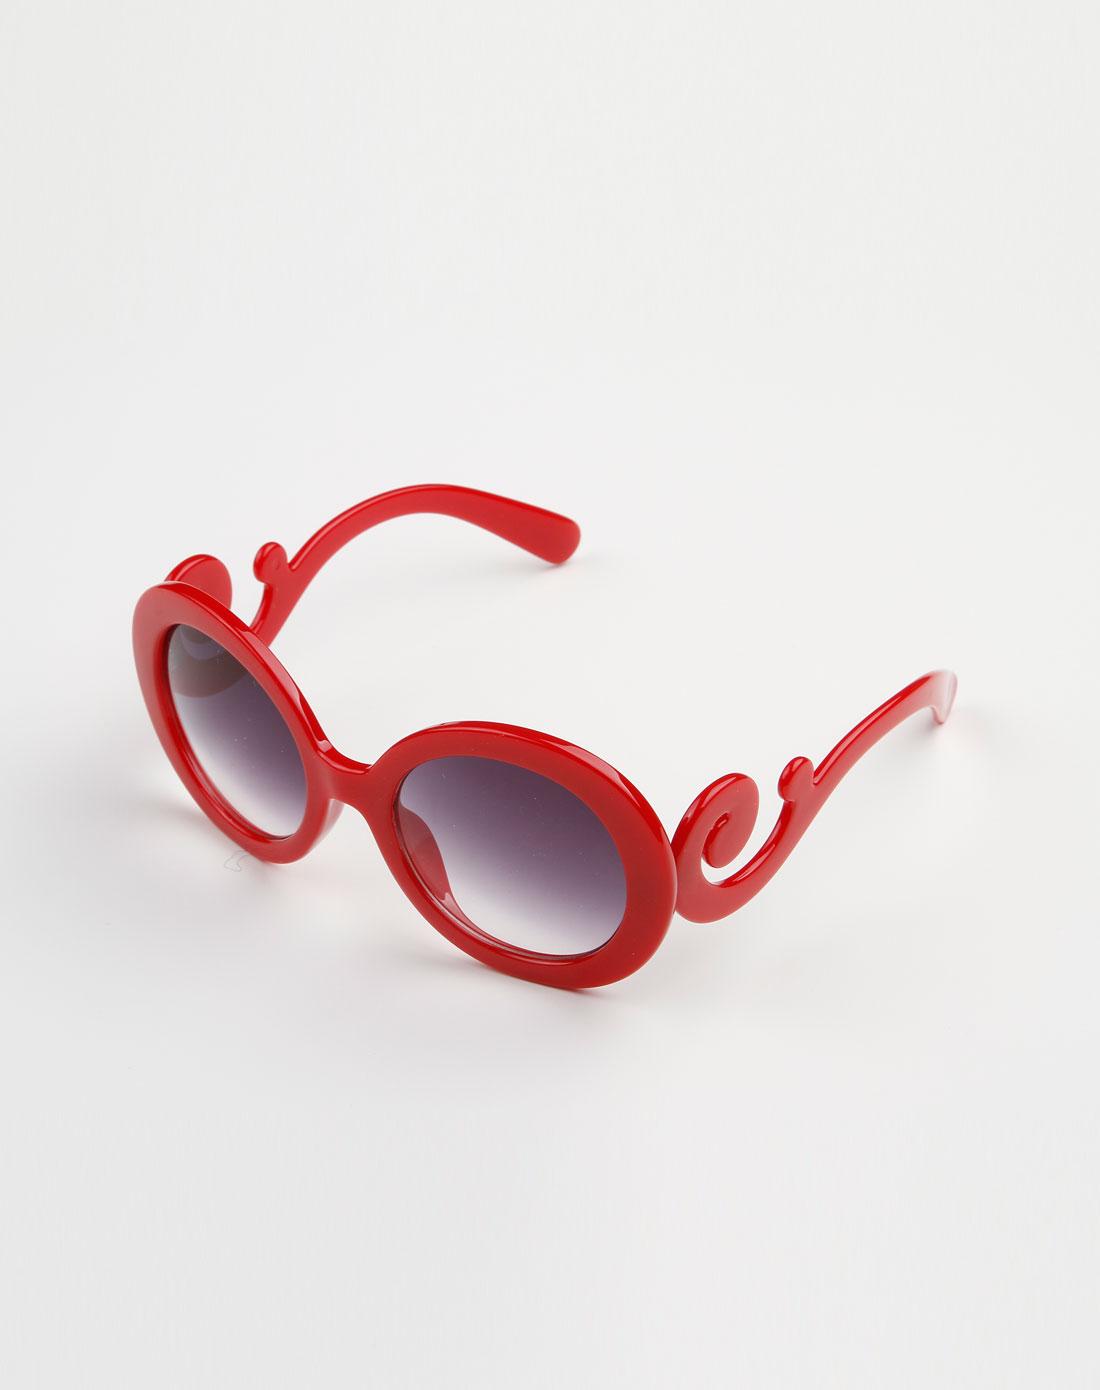 红/墨色可爱圆形眼镜